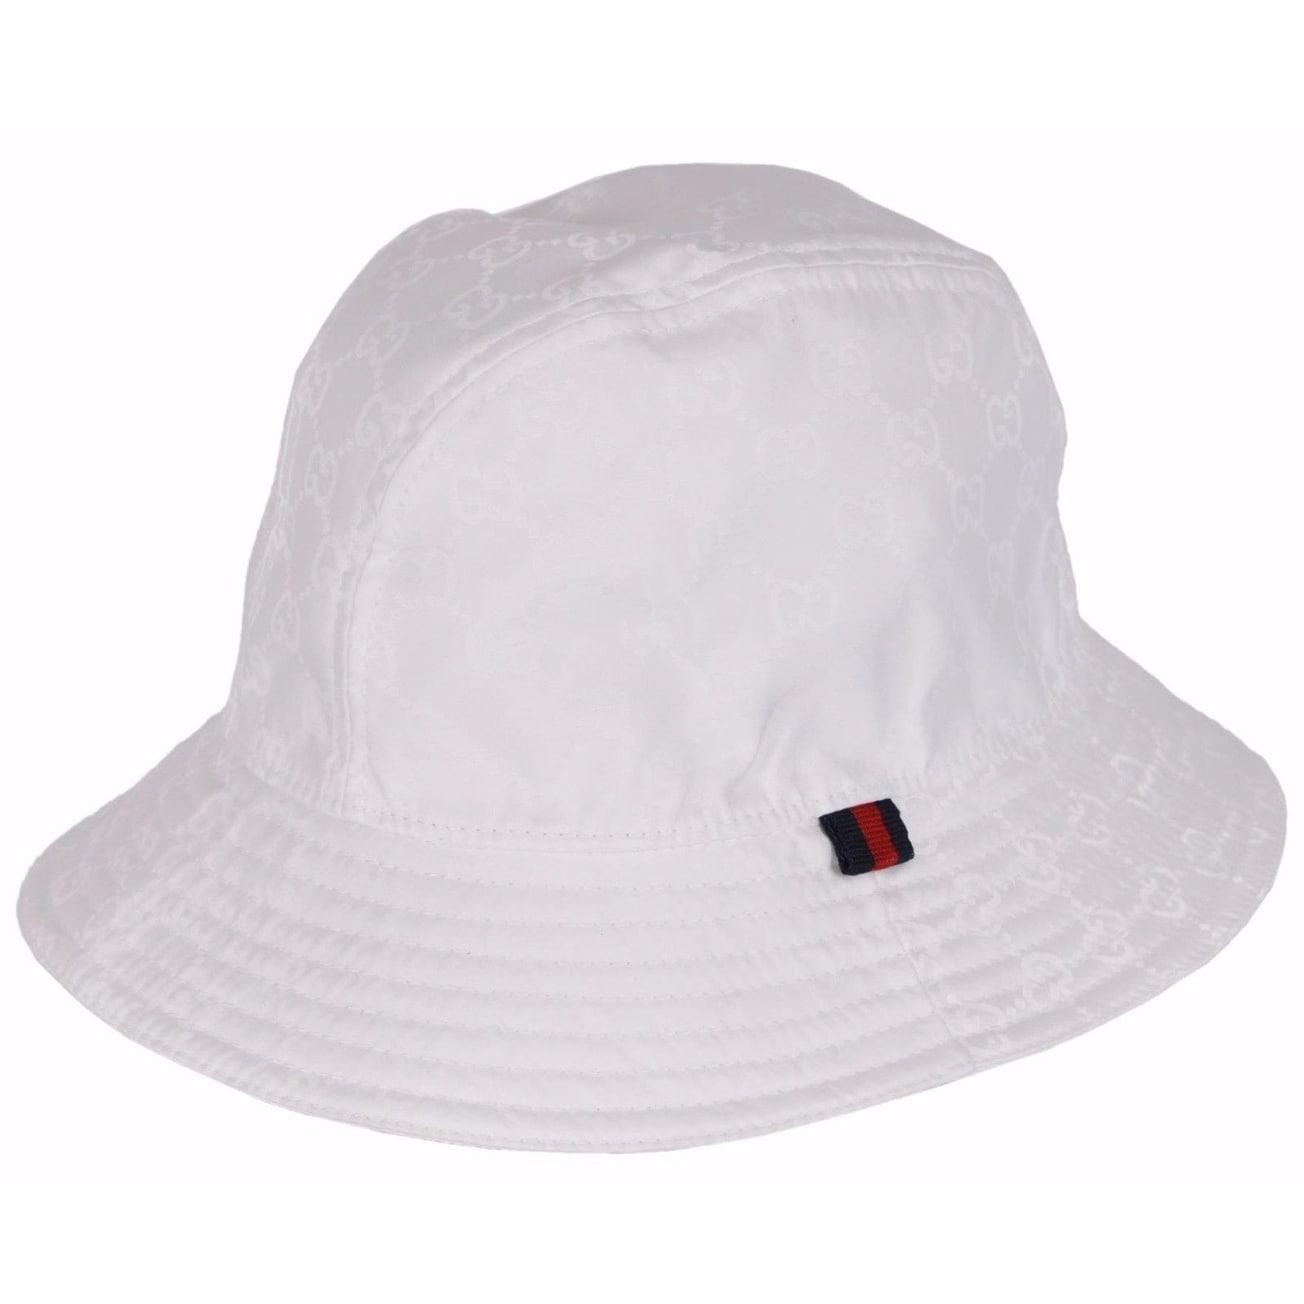 7a0c20ca4e7 Shop Gucci Men s 387558 WHITE GG Guccissima Nylon Bucket Rain Hat SMALL 57  CM - Free Shipping Today - Overstock - 12237925